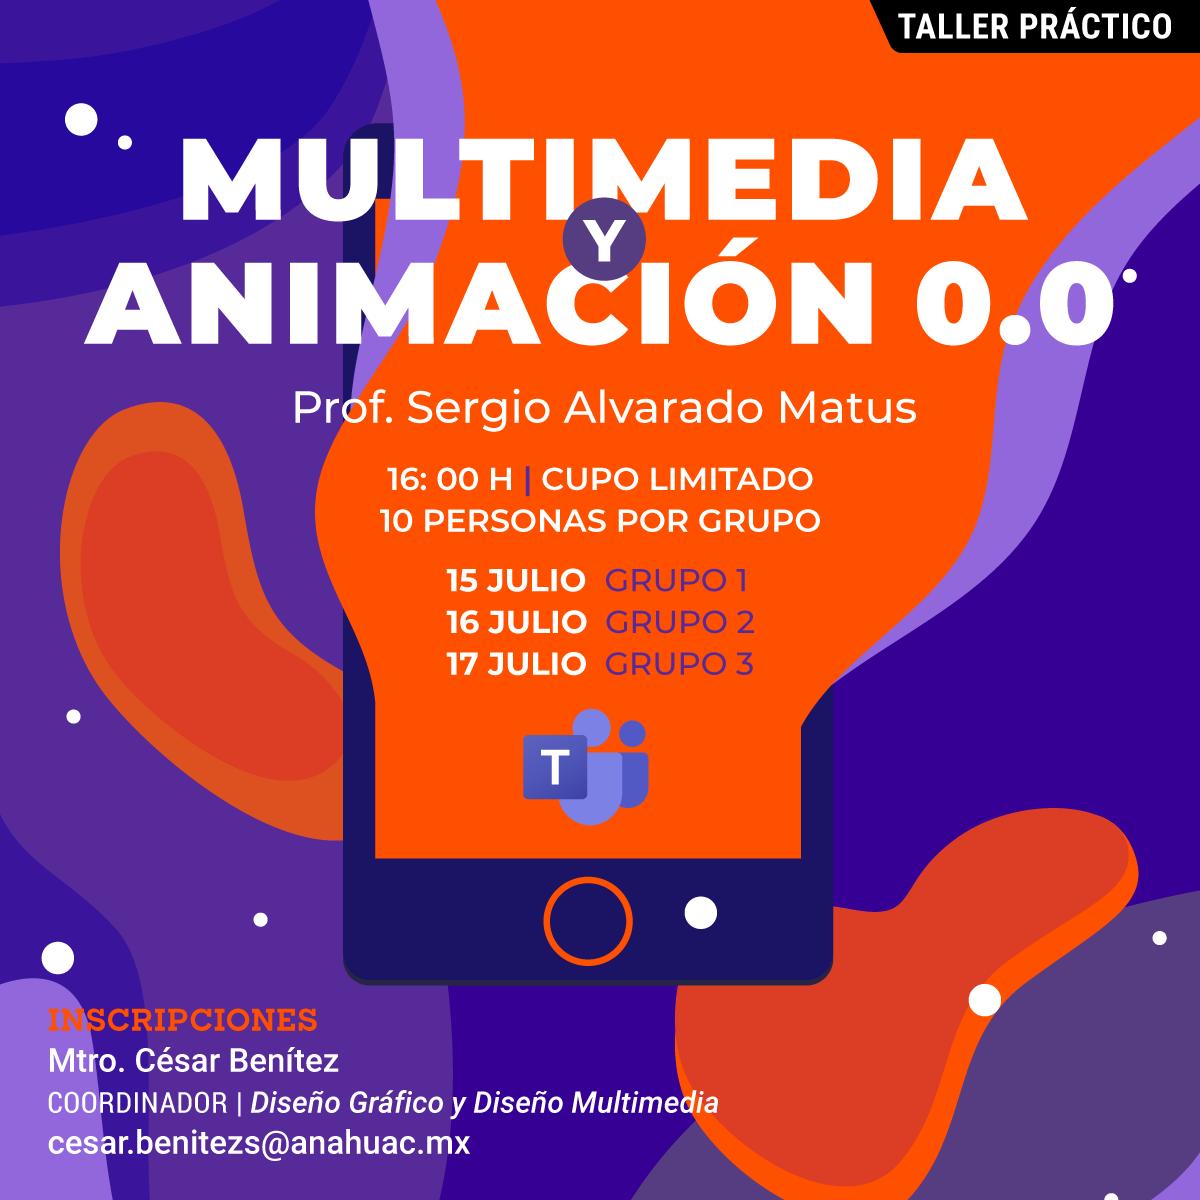 Taller Práctico de Multimedia y Animación 0.0